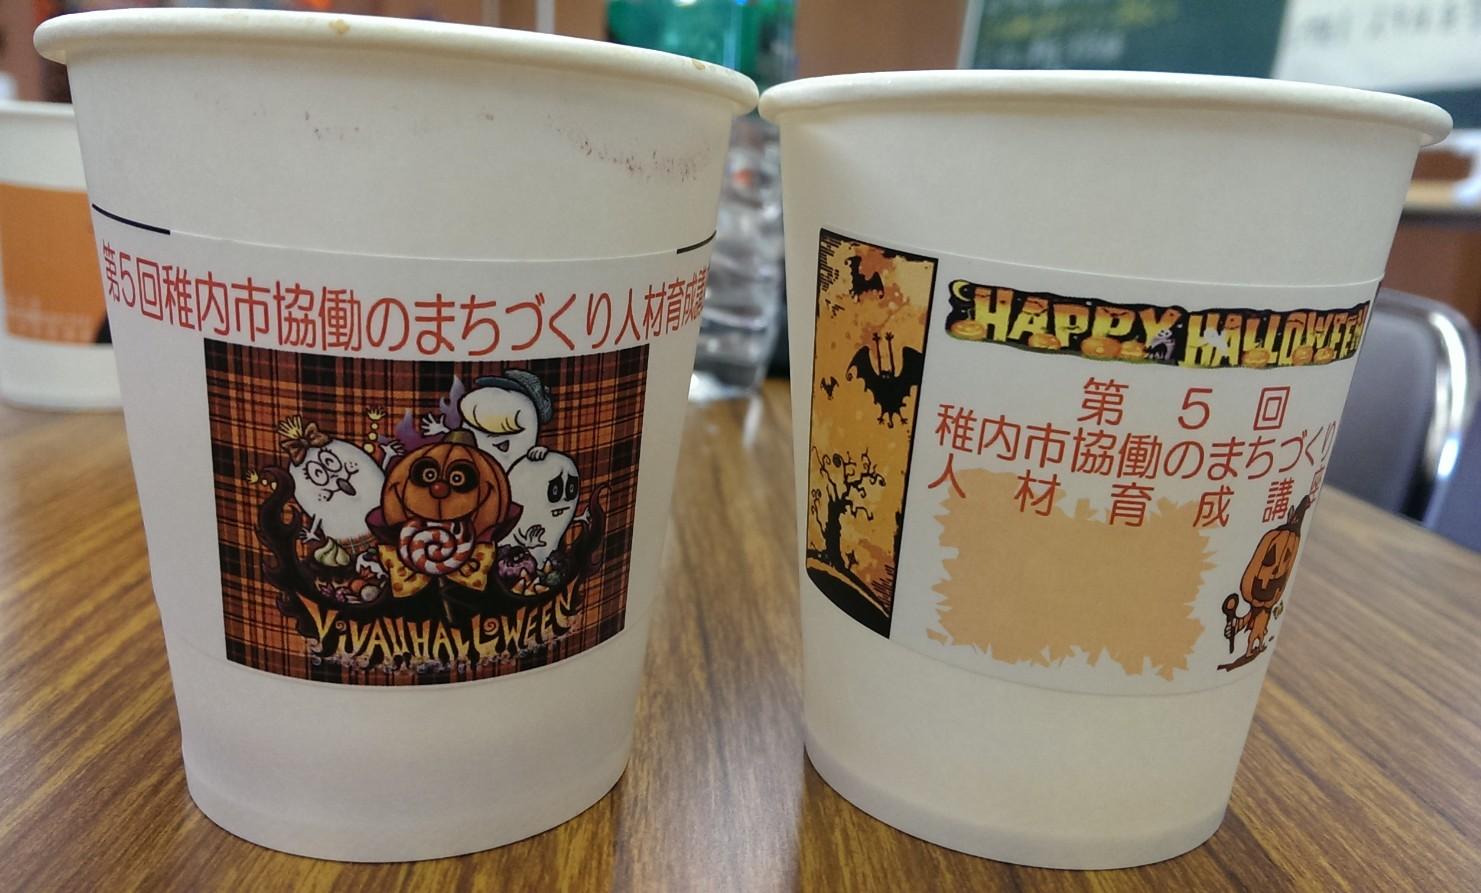 稚内の研修の飲み物のコップ.jpg